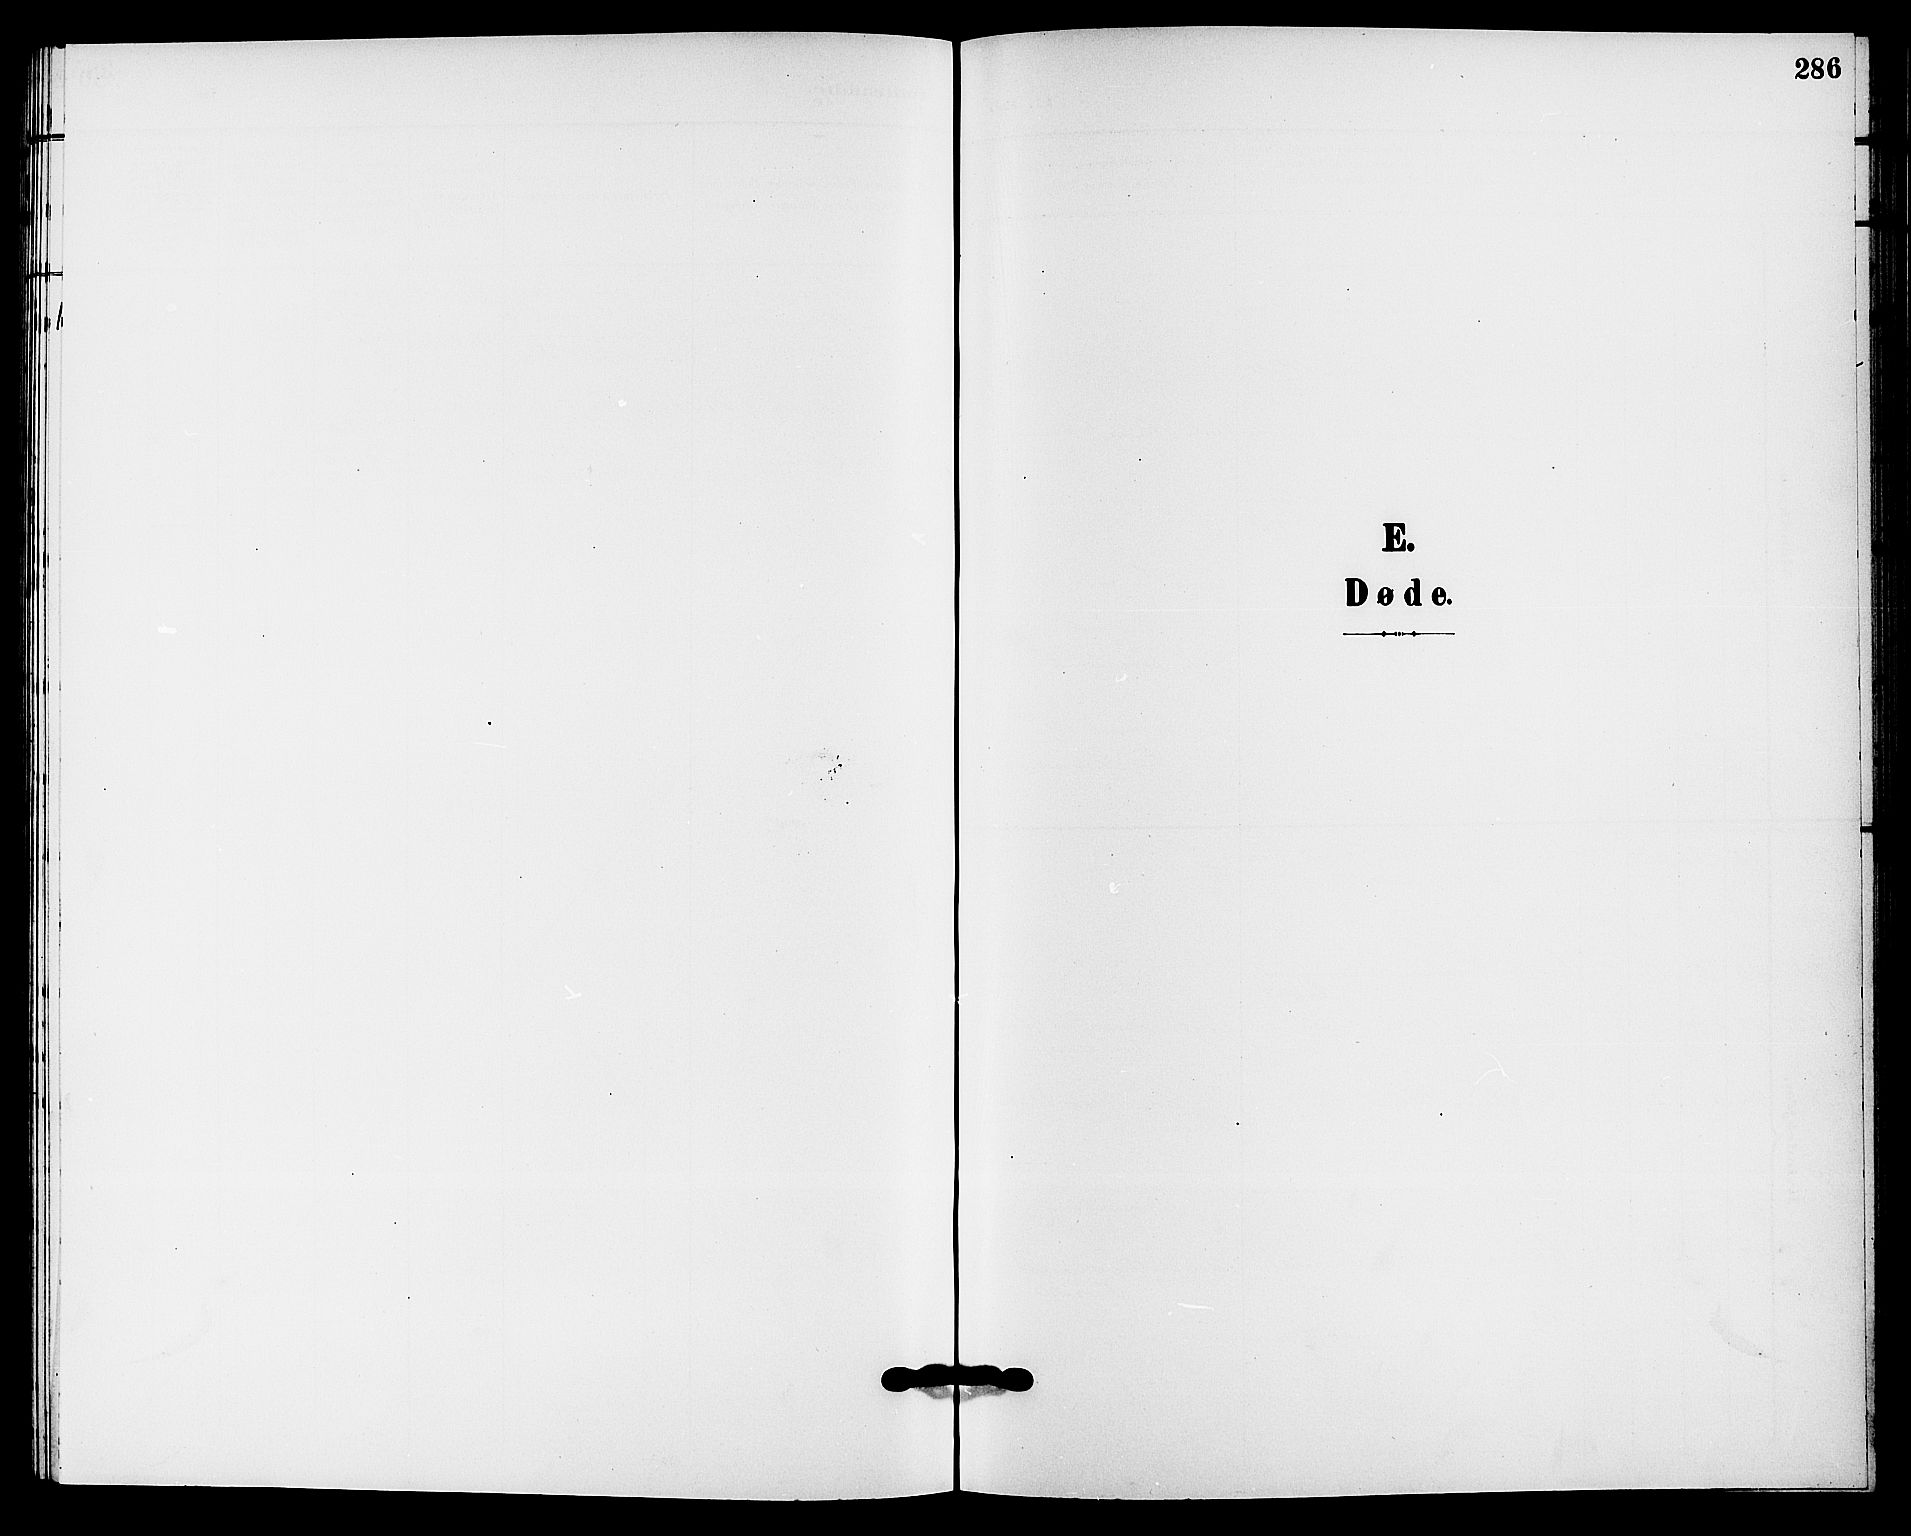 SAKO, Solum kirkebøker, G/Ga/L0008: Klokkerbok nr. I 8, 1898-1909, s. 286